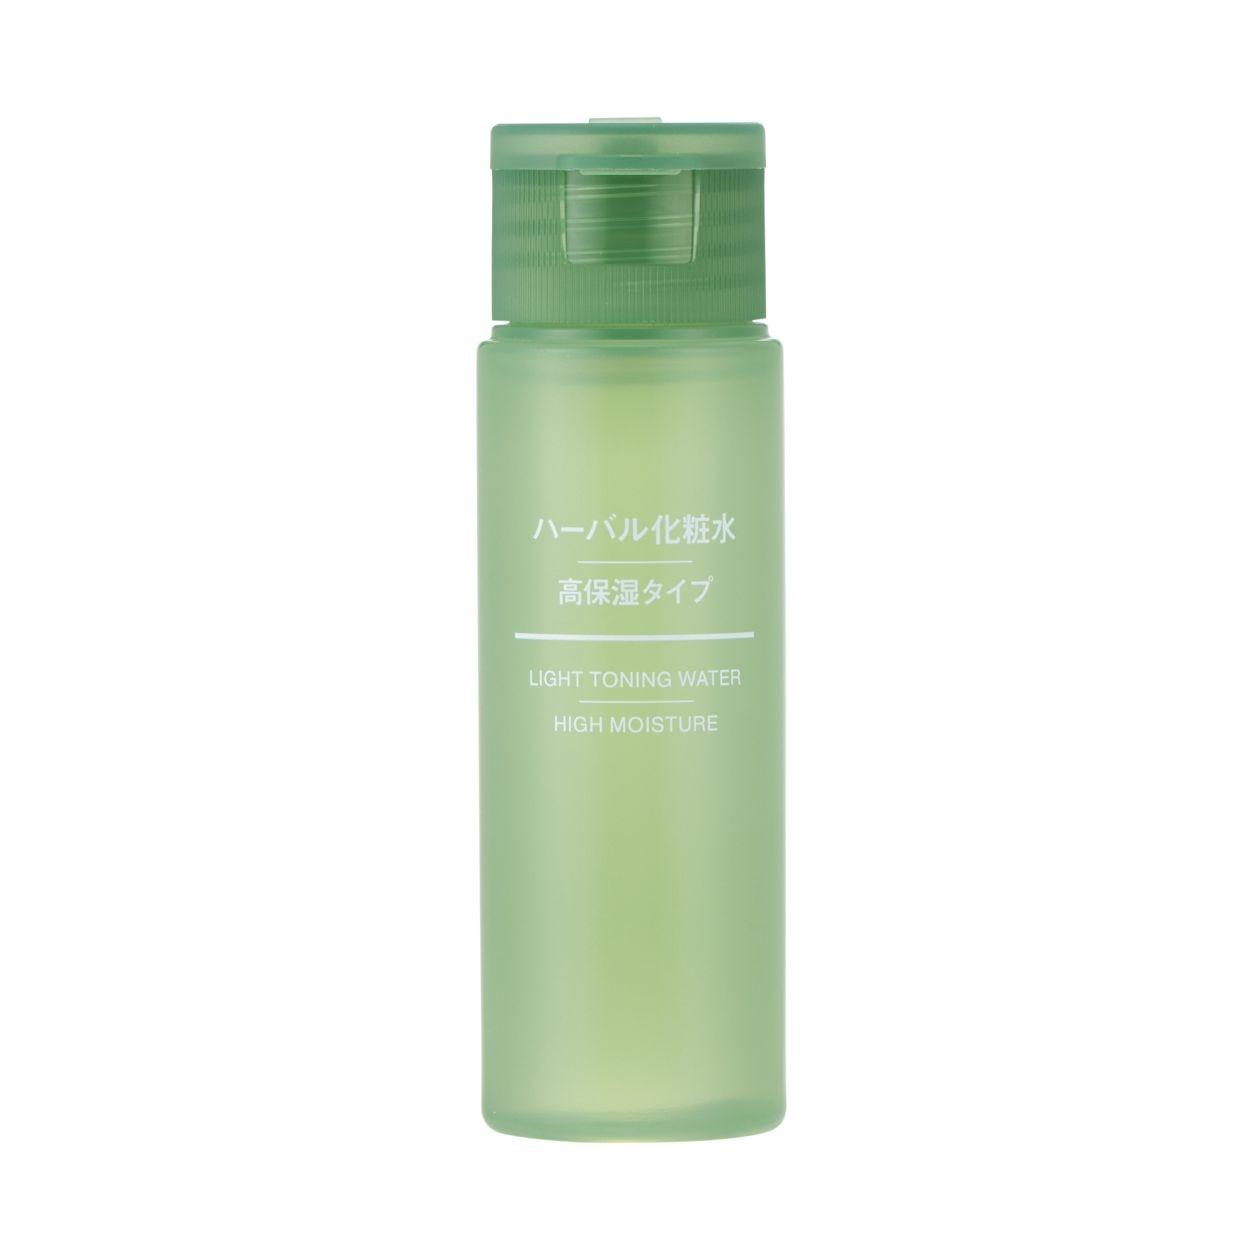 ハーバル化粧水・高保湿タイプ(携帯用)